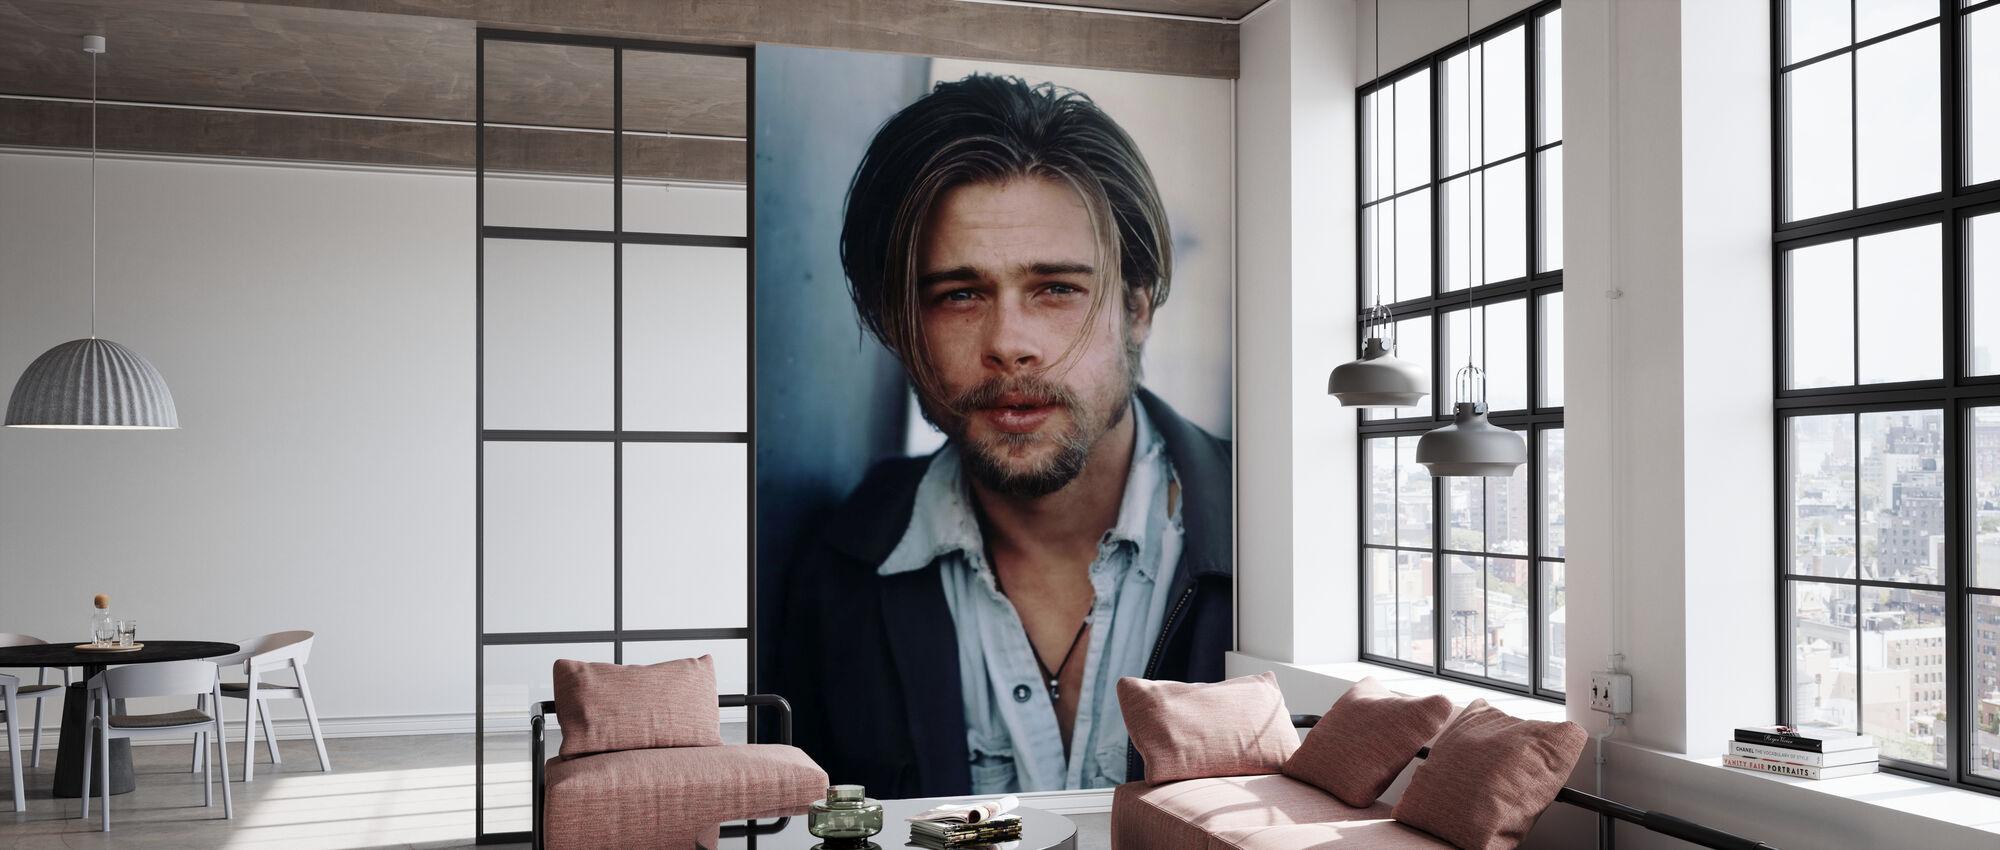 Brad Pitt in Kalifornia - Wallpaper - Office